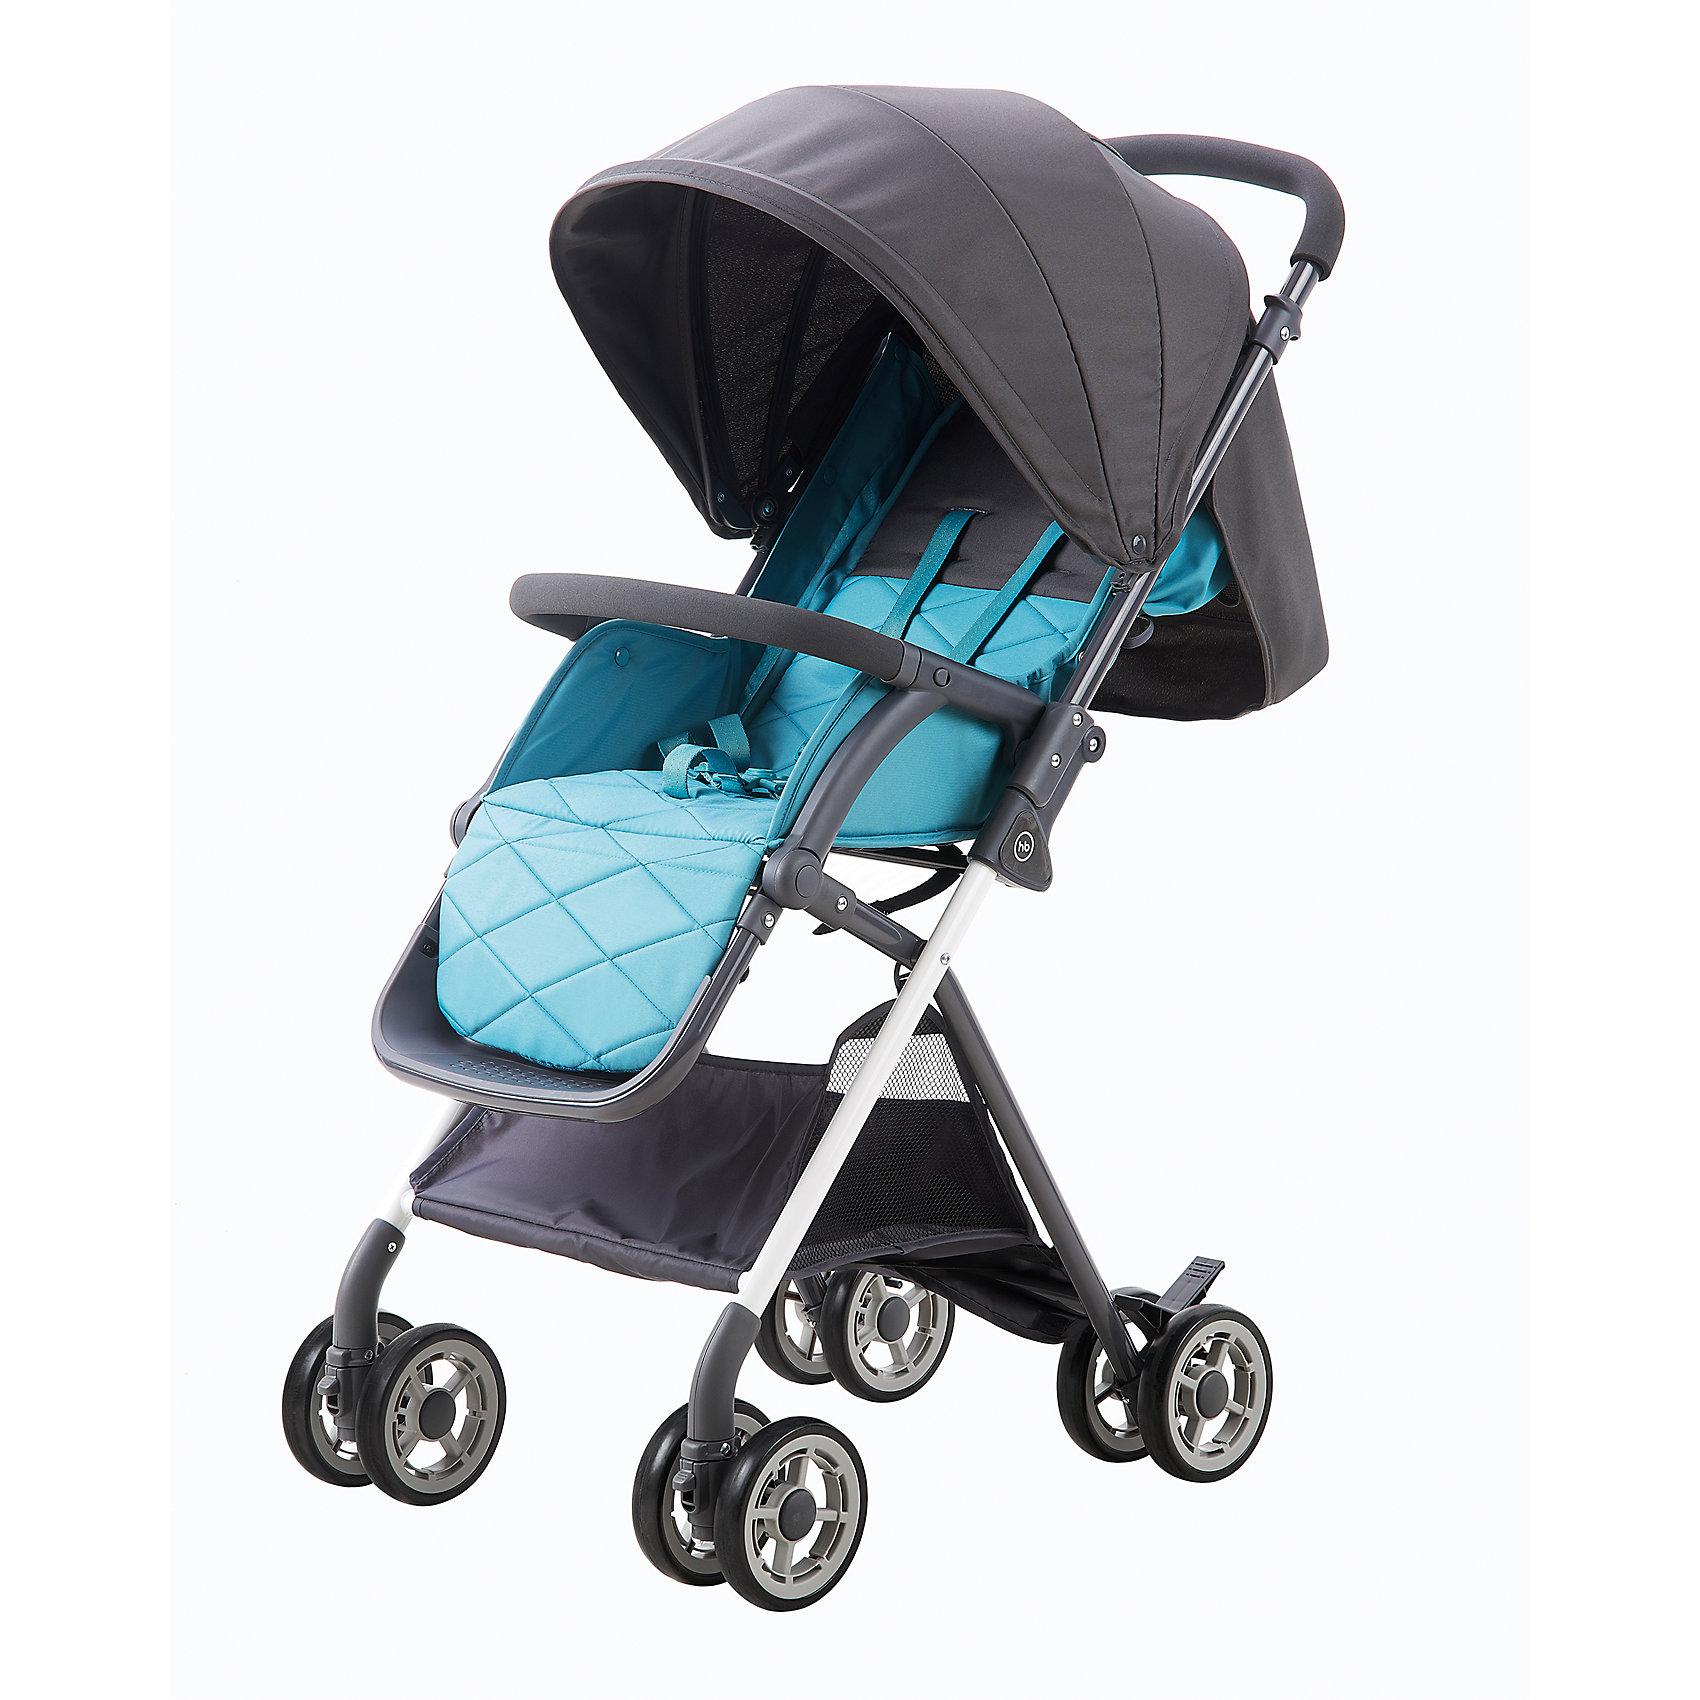 Прогулочная коляска Happy Baby Mia, морскойКоляски-трости<br>Коляска MIA покорит вас своим стильным видом и отличными ходовыми данными. Плавный ход коляски обеспечивают двойные колёса, при этом передние поворачиваются на 360° и имеют возможность фиксации. В конструкцию встроена специальная сетка, которая обеспечивает циркуляцию воздуха и предотвращает выпадение ребенка в лежачем положении. Коляска имеет съемный бампер, регулируемую с помощью ремня спинку, а также вместительную корзину.<br><br>Ширина мм: 765<br>Глубина мм: 275<br>Высота мм: 445<br>Вес г: 9500<br>Возраст от месяцев: 7<br>Возраст до месяцев: 36<br>Пол: Унисекс<br>Возраст: Детский<br>SKU: 6681545